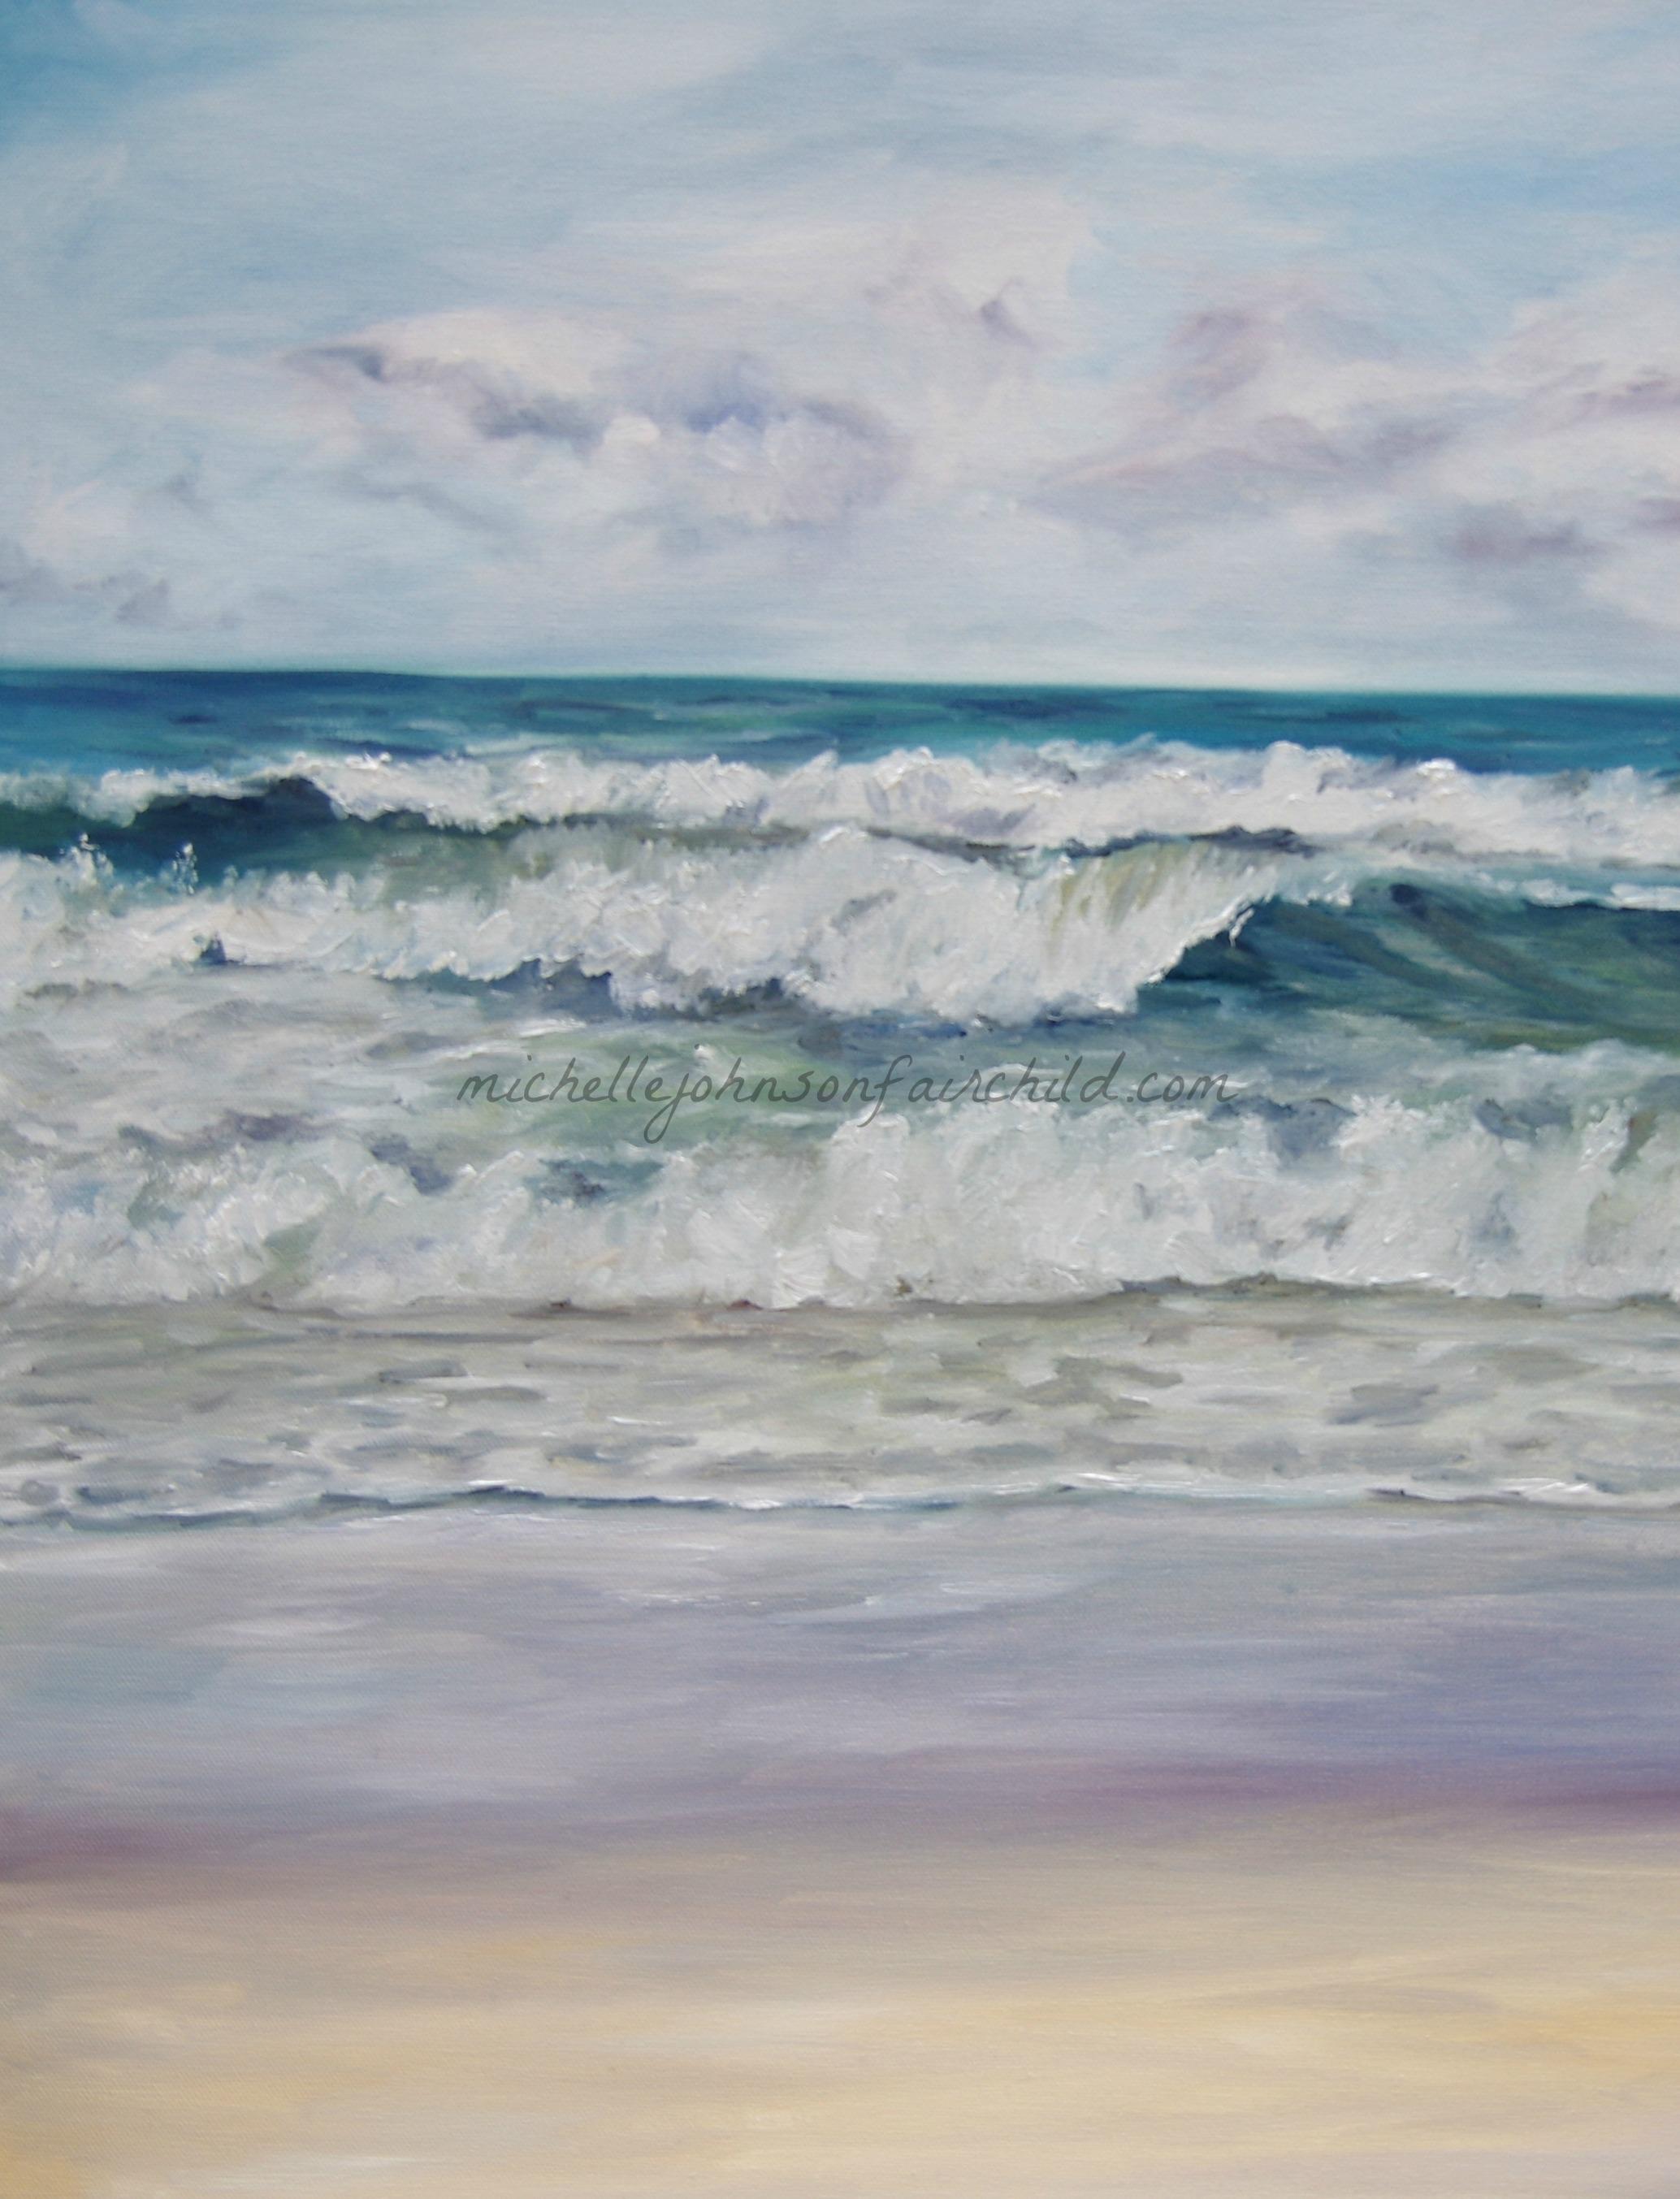 seaside print wm.jpg